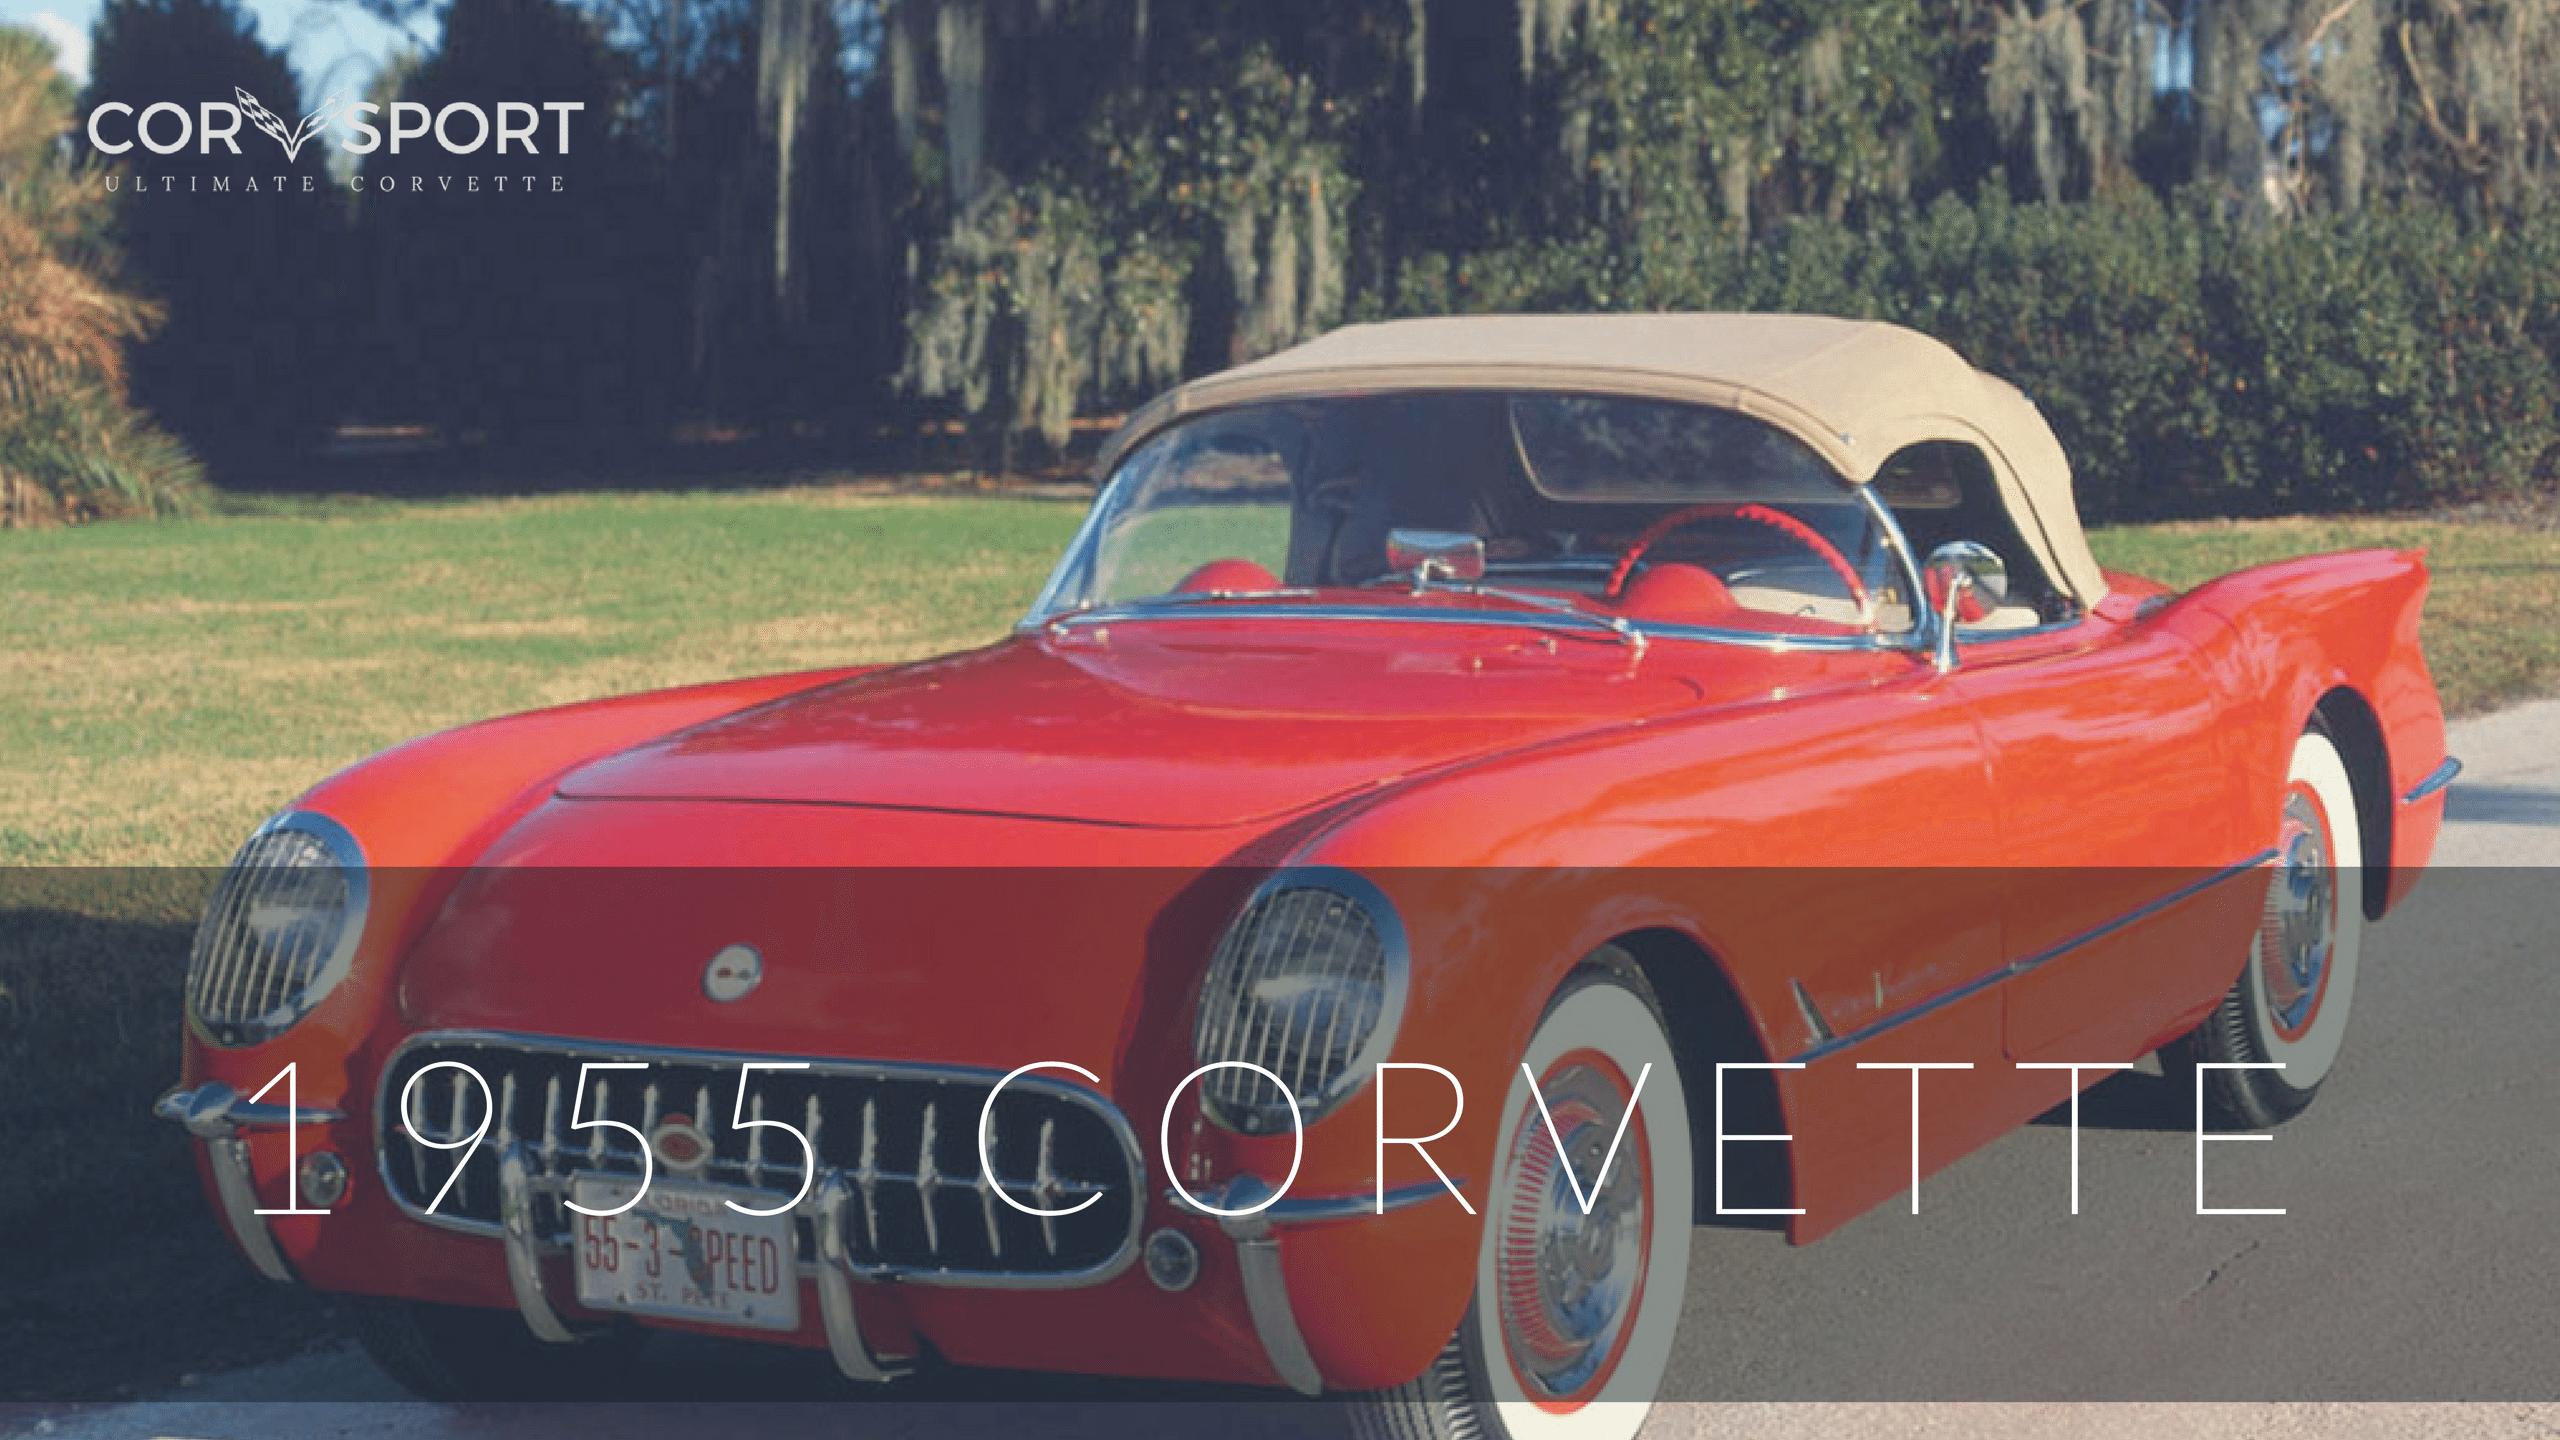 1955 C1 Corvette | 1955 Corvette | Corvette, Chevrolet